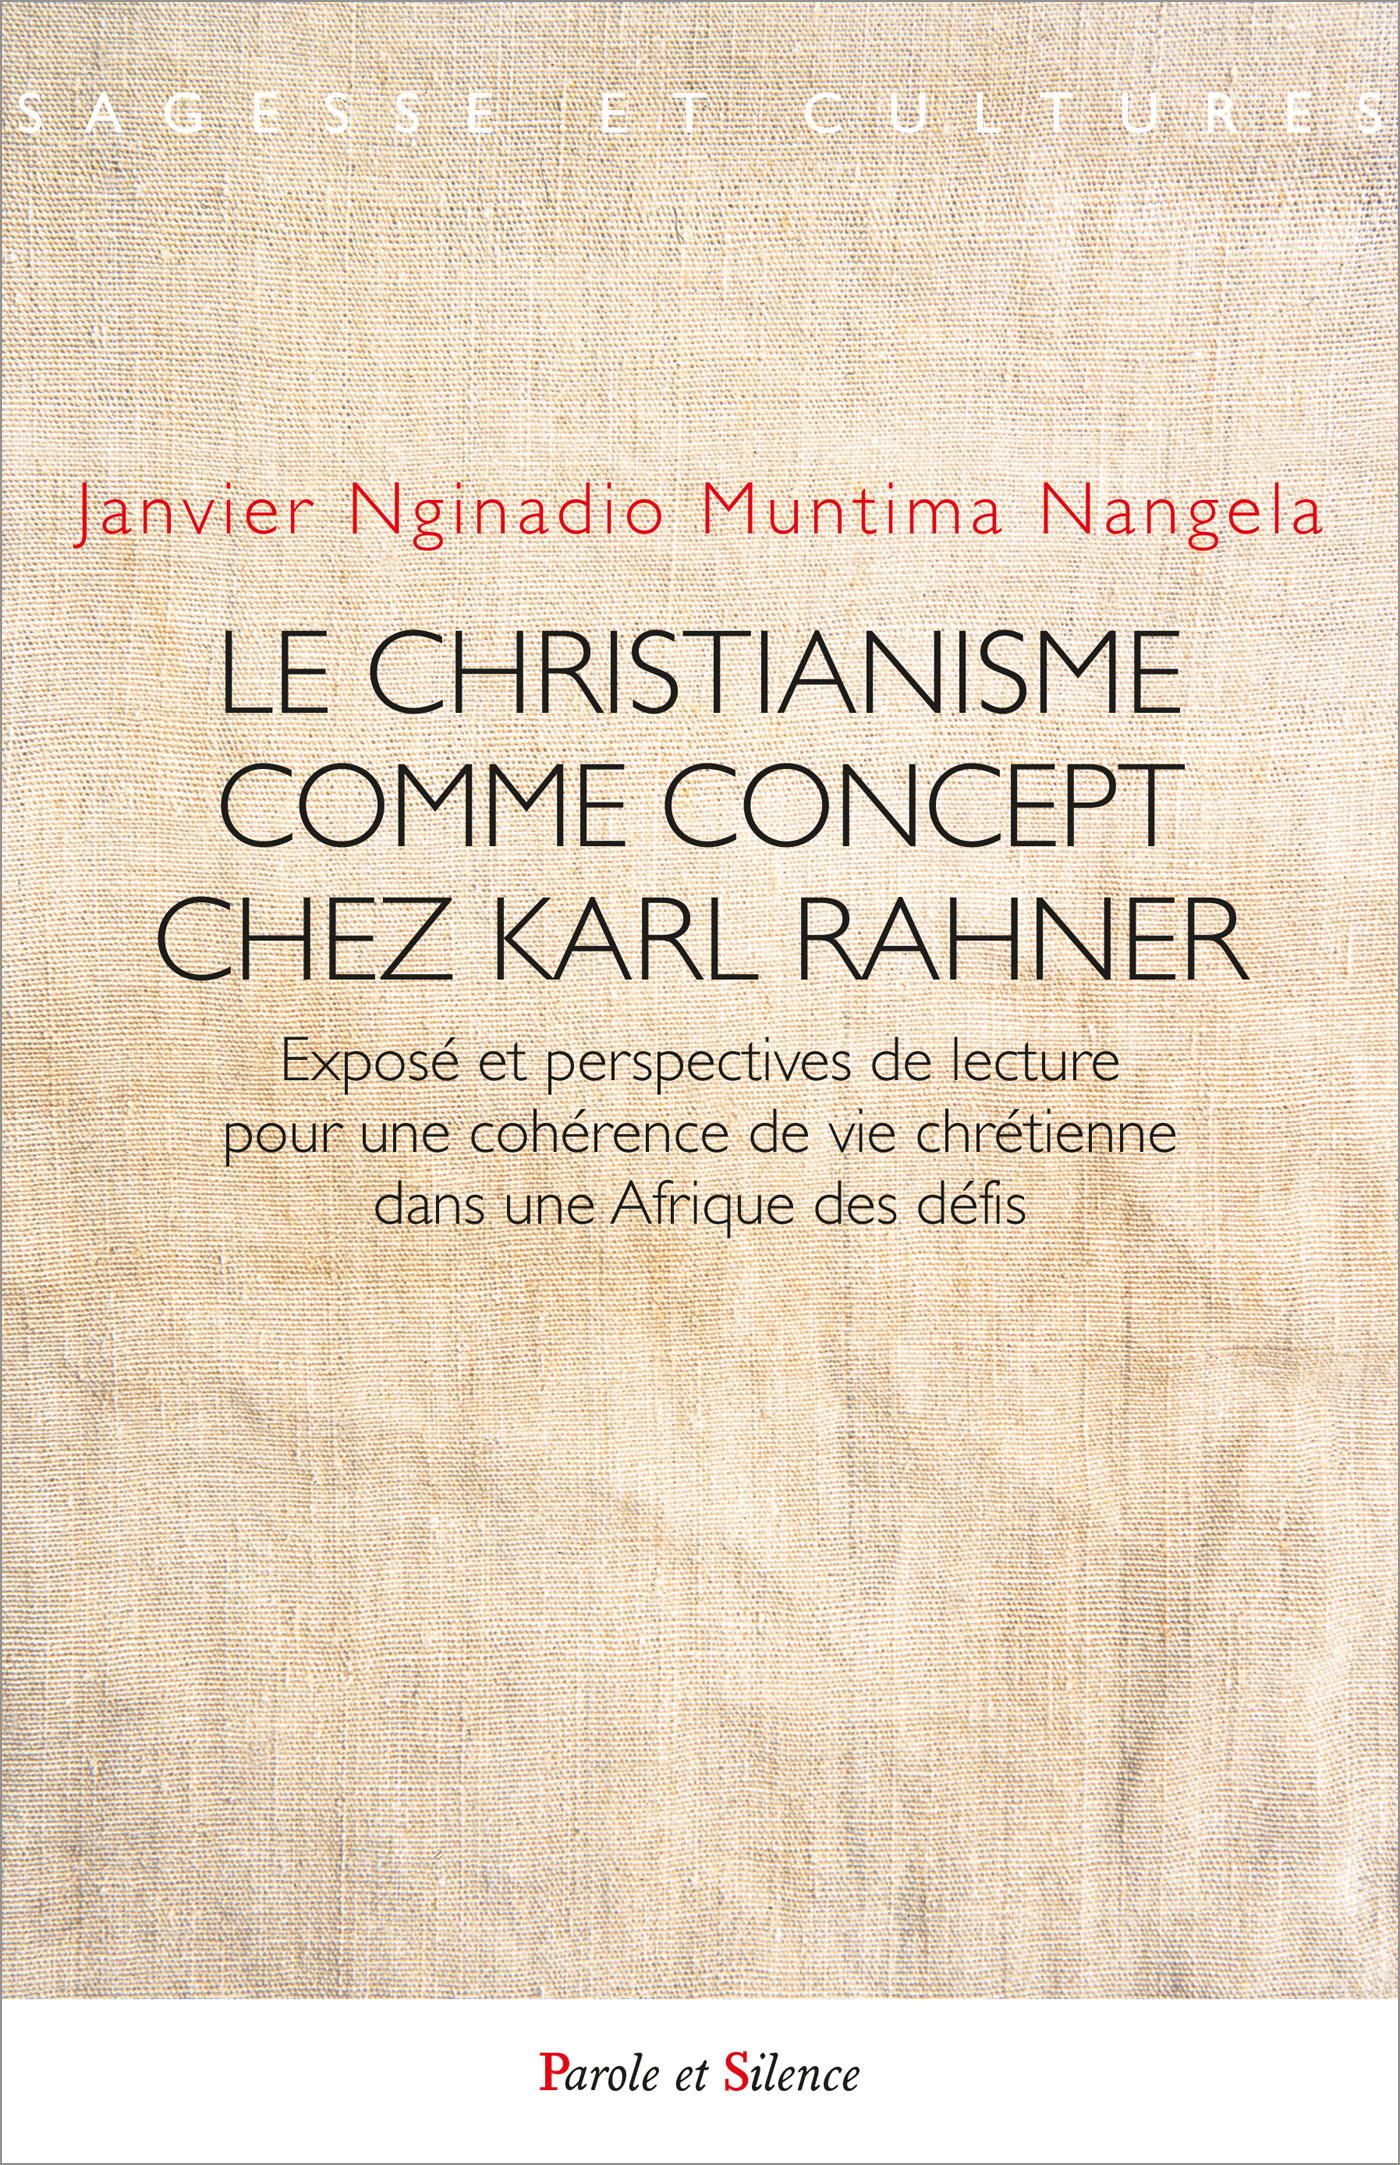 Le christianisme comme concept chez Karl Rahner